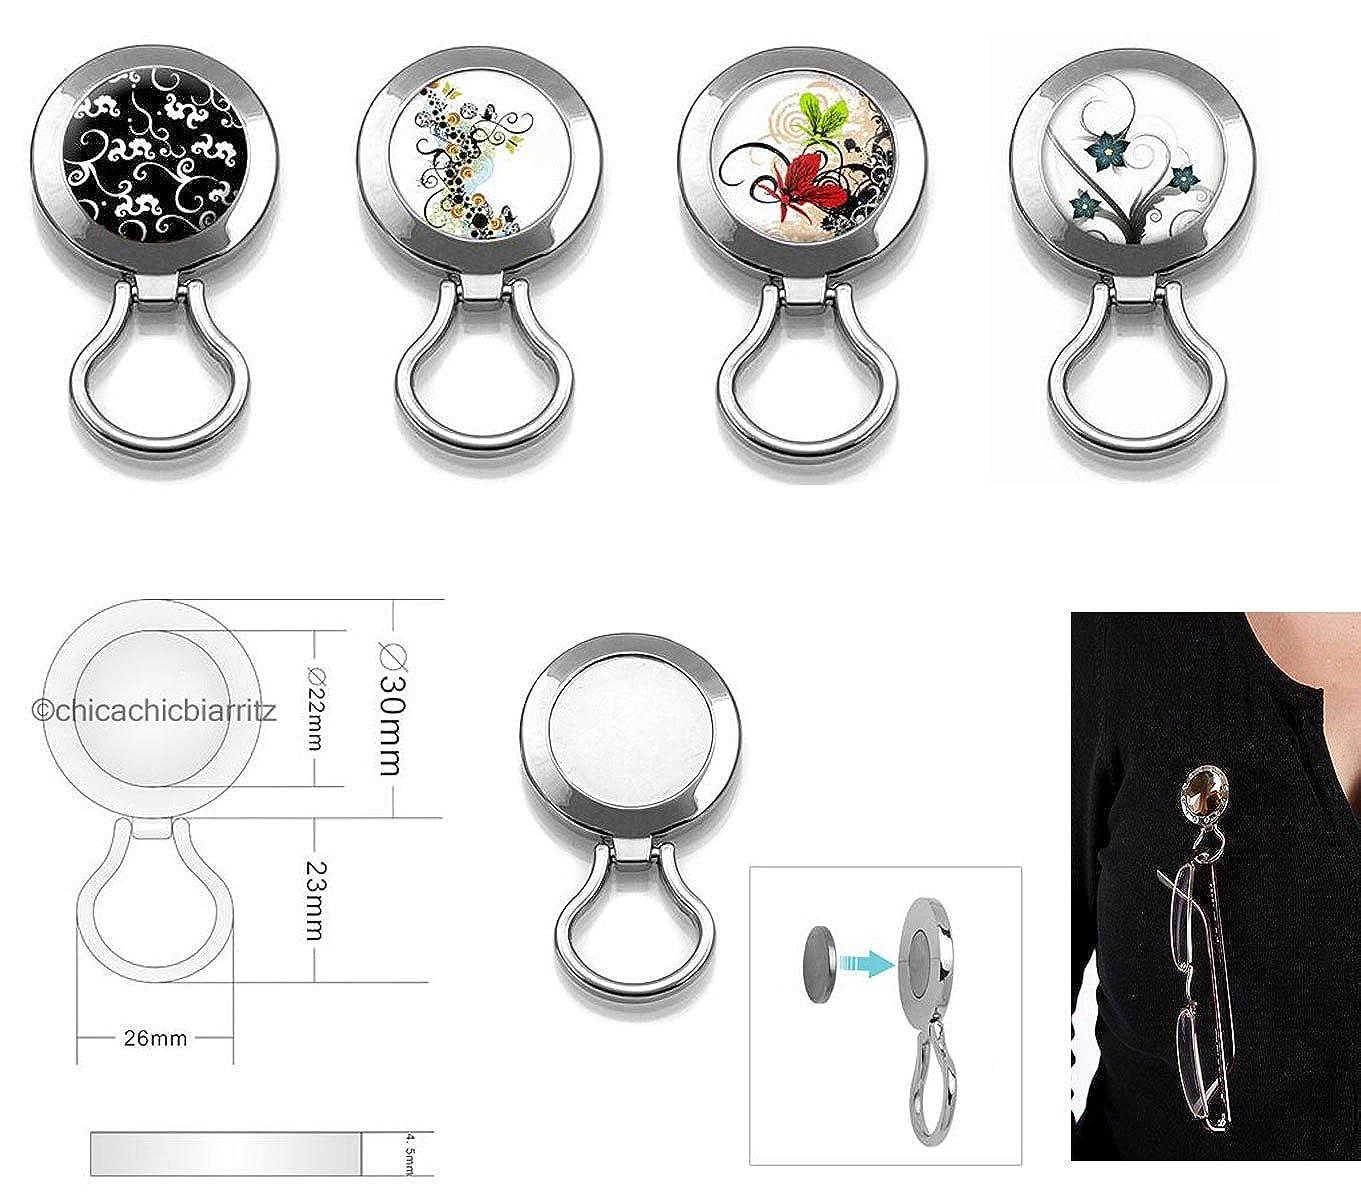 Sujeta Gafas Magnetico - Broche Cuelga Gafas Con Iman (Papillons Volutes): Amazon.es: Ropa y accesorios